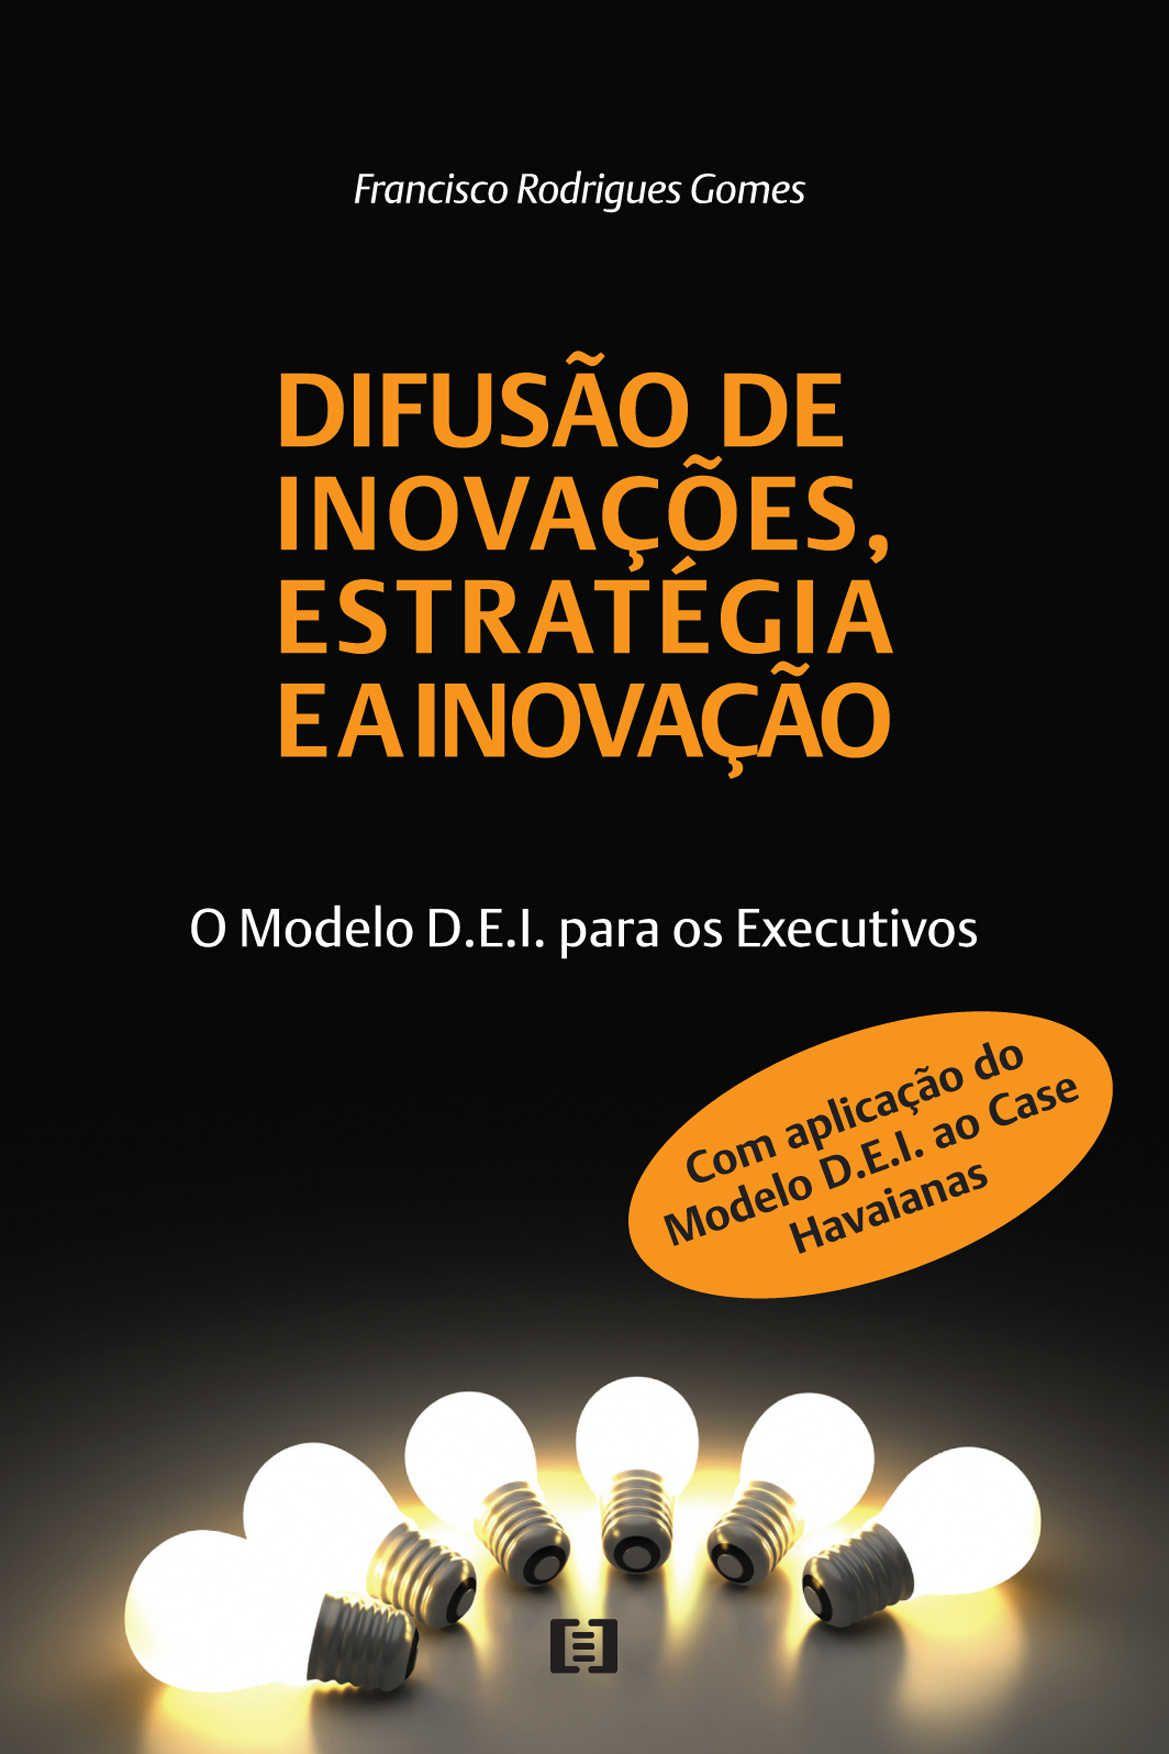 Difusão de Inovações, Estratégia e a Inovação: O Modelo D.E.I. para os Executivos